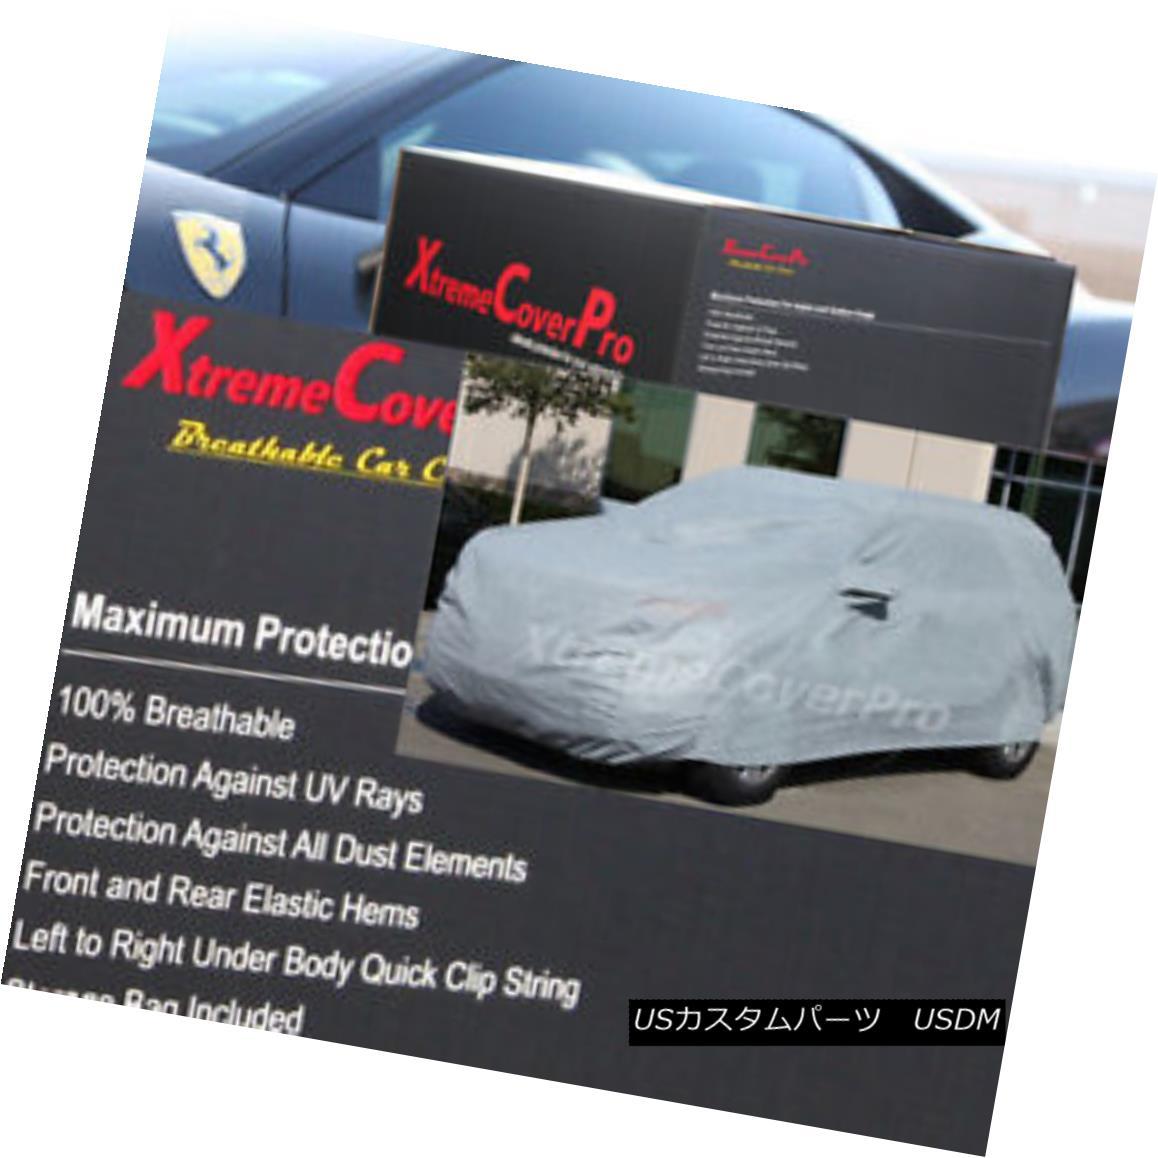 カーカバー 1991 1992 1993 1994 Chevy Blazer Breathable Car Cover w/MirrorPocket 1991 1992 1993 1993シボレー・ブレーザ通気性車カバー付きMirrorPocket